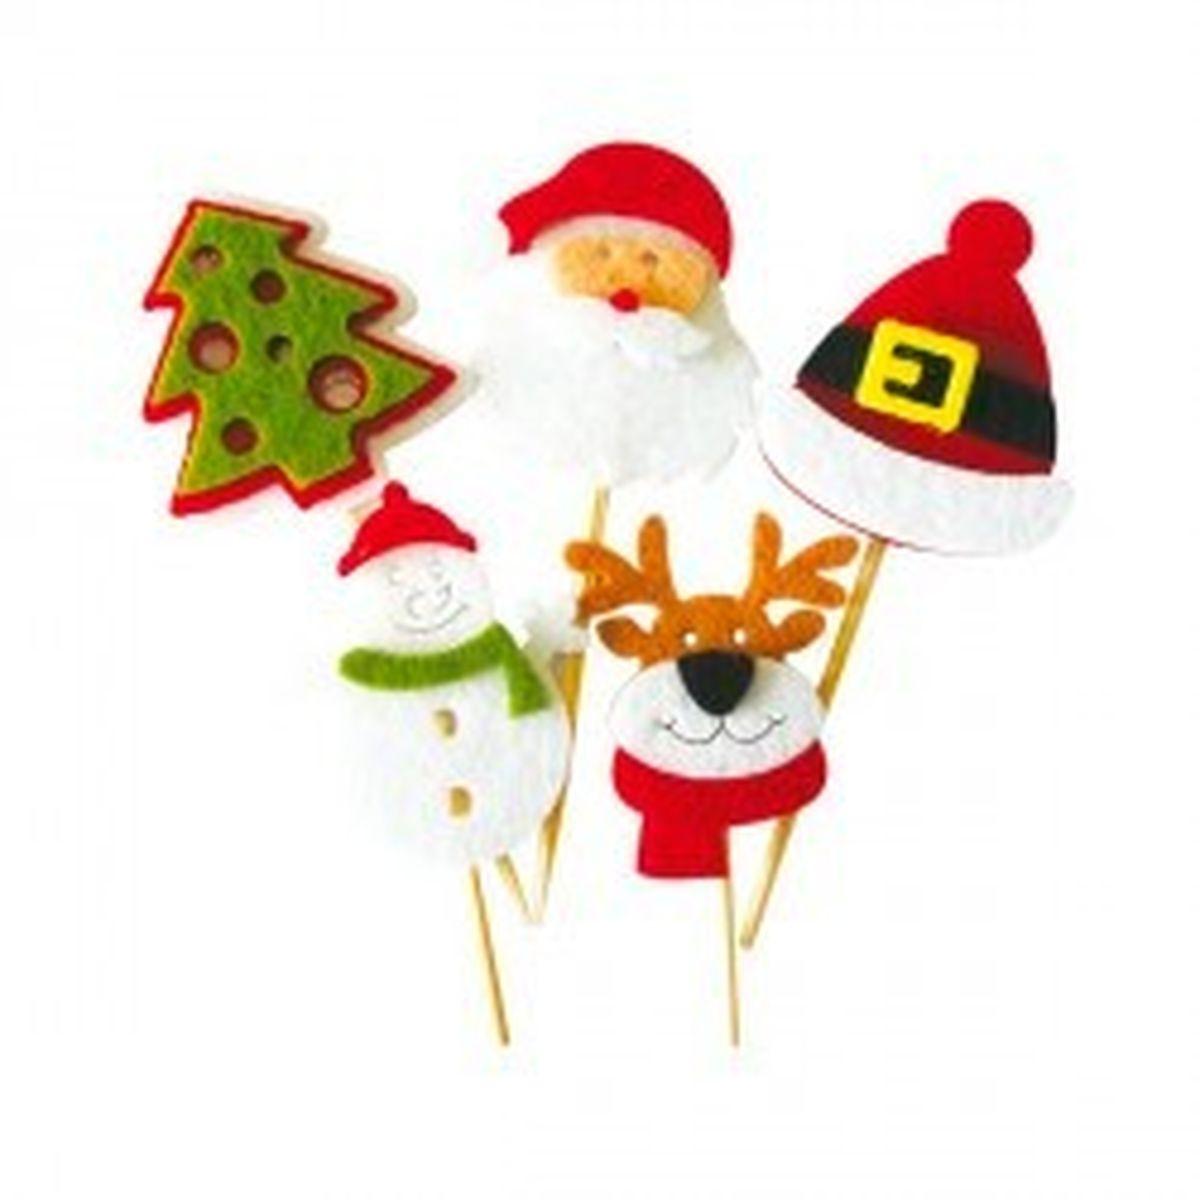 Décor de gâteau : 10 sujets en feutrine pour bûche de Noël - Patisdecor